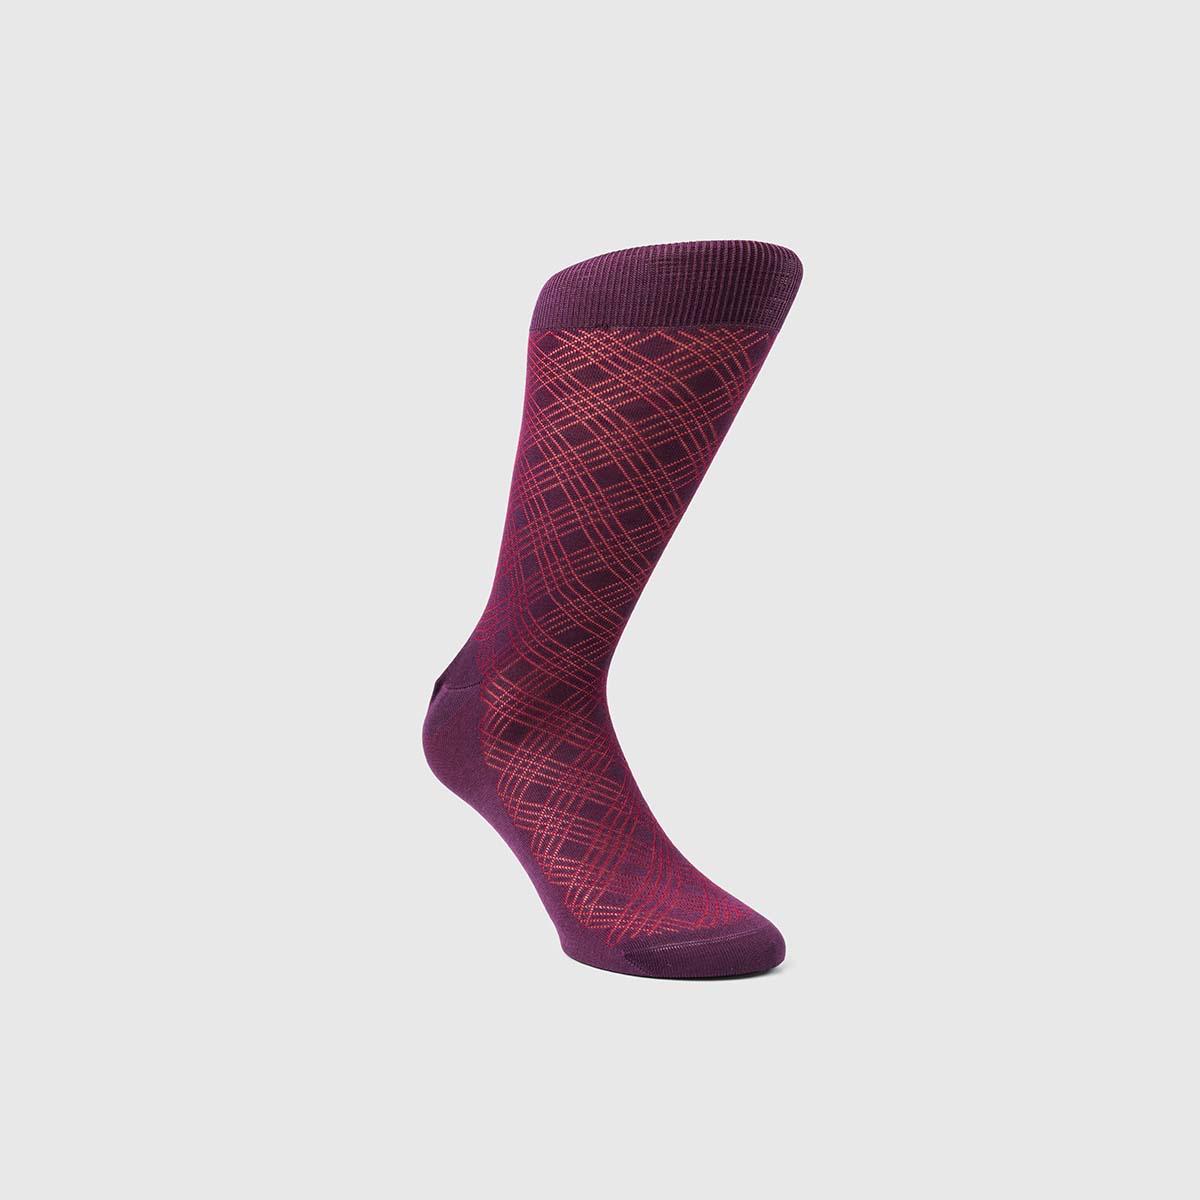 Bresciani 1970 Cotton Socks in Red Violet